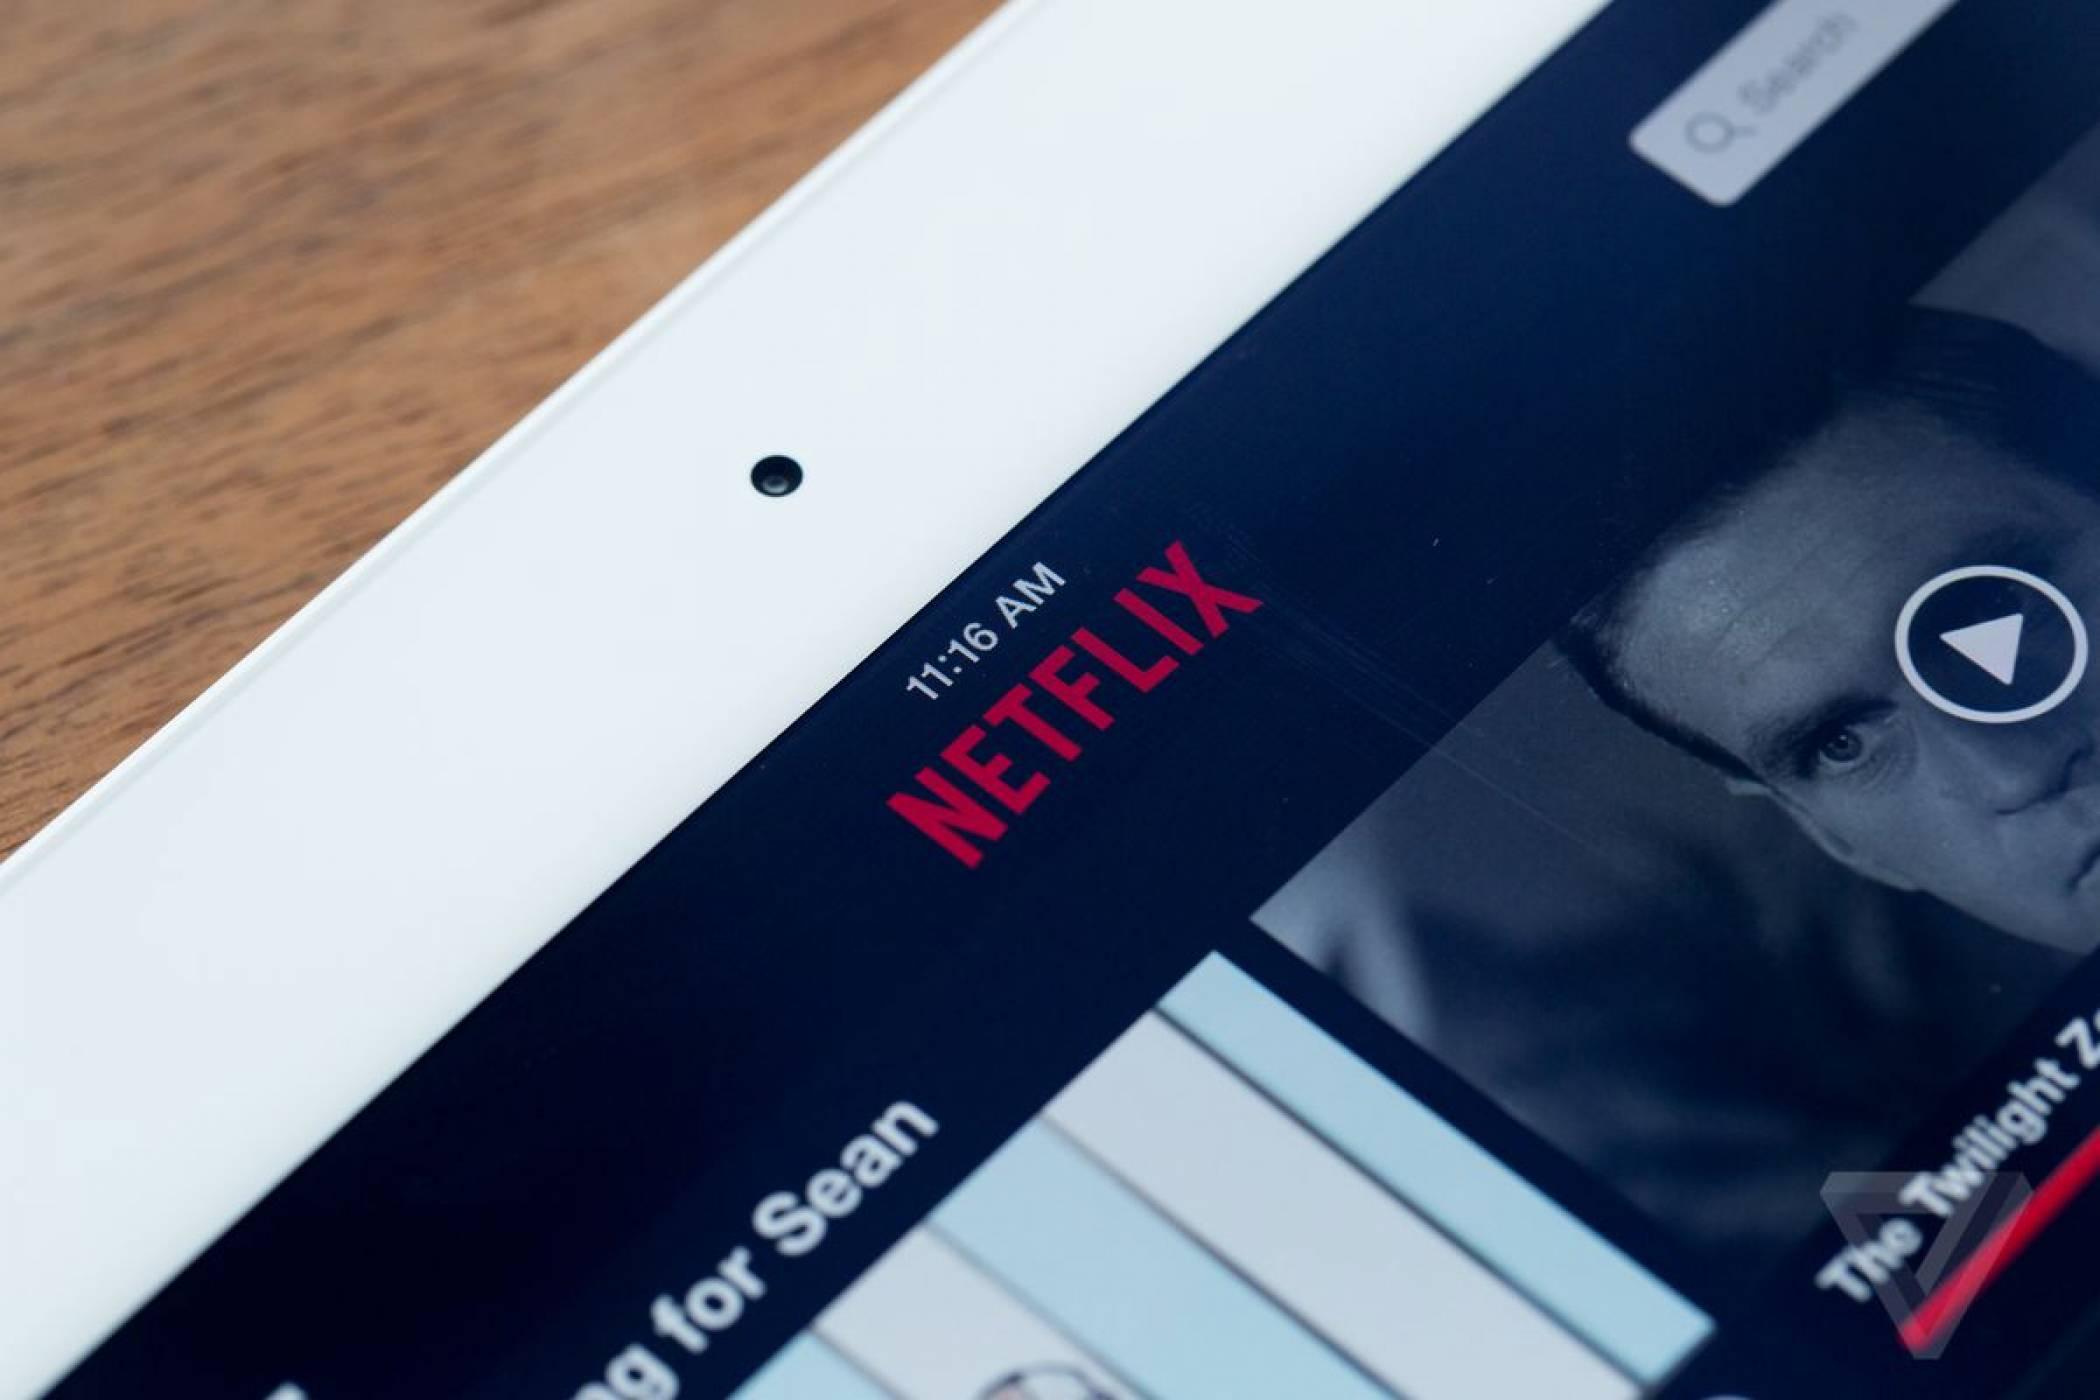 Вече ще можете да гледате своя Netflix навсякъде в Европейския съюз